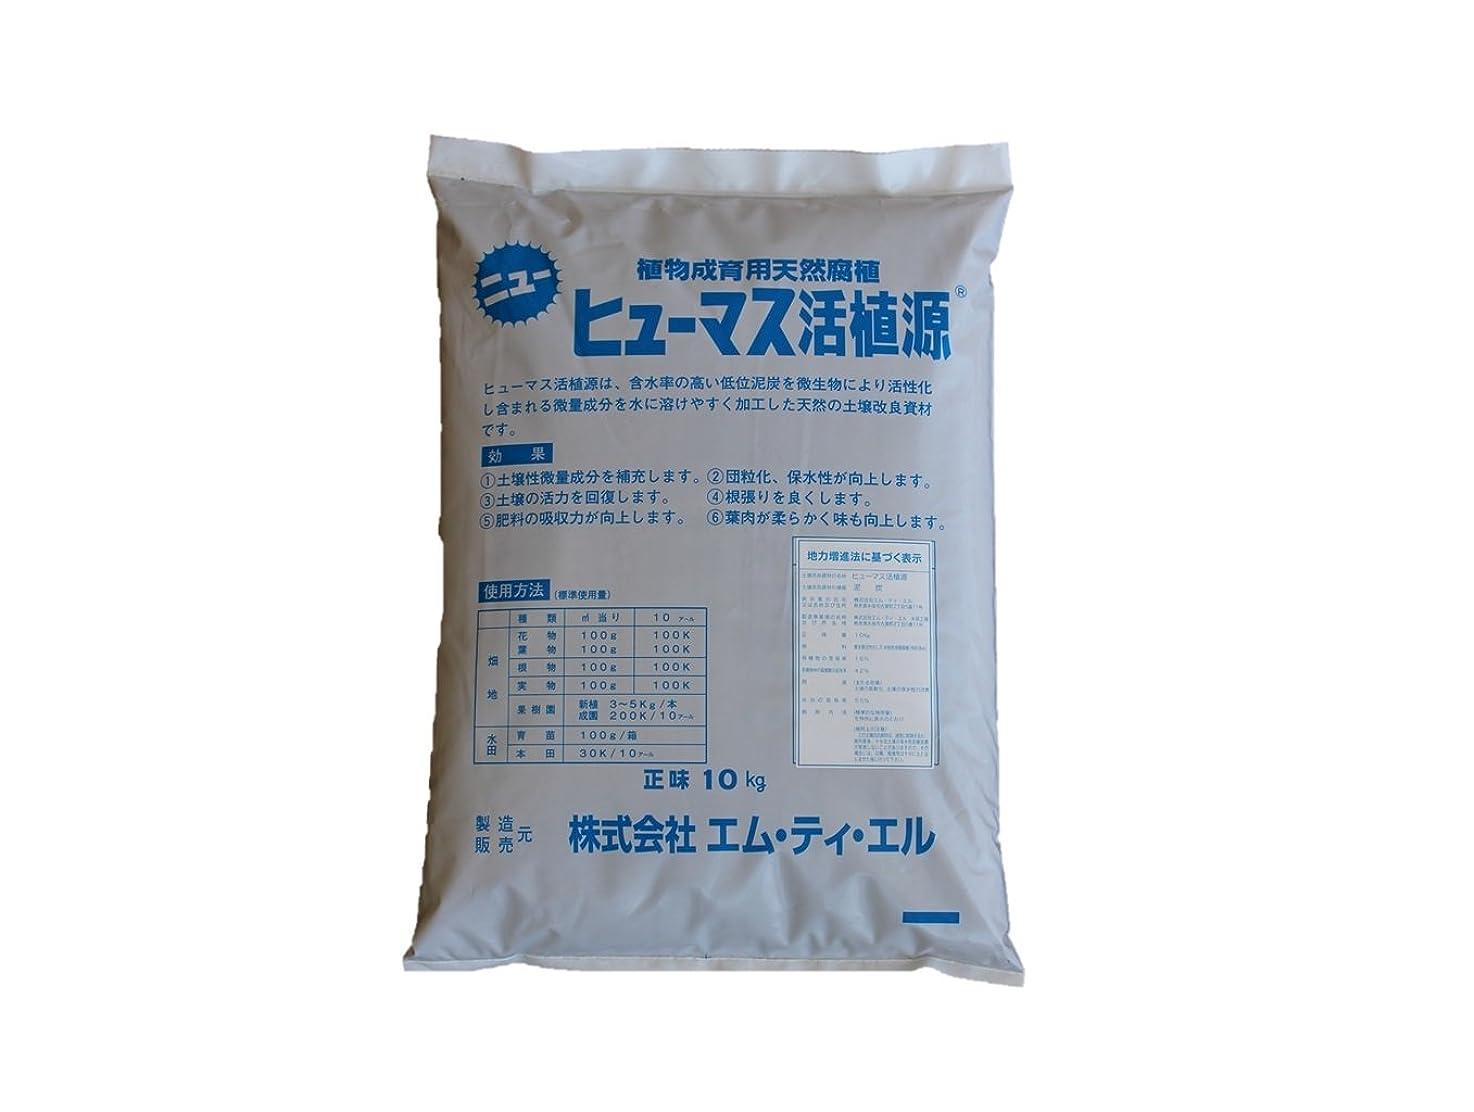 技術者出撃者はっきりしない芝生用土壌改良剤 万緑-NHT 2kg 細粒タイプ